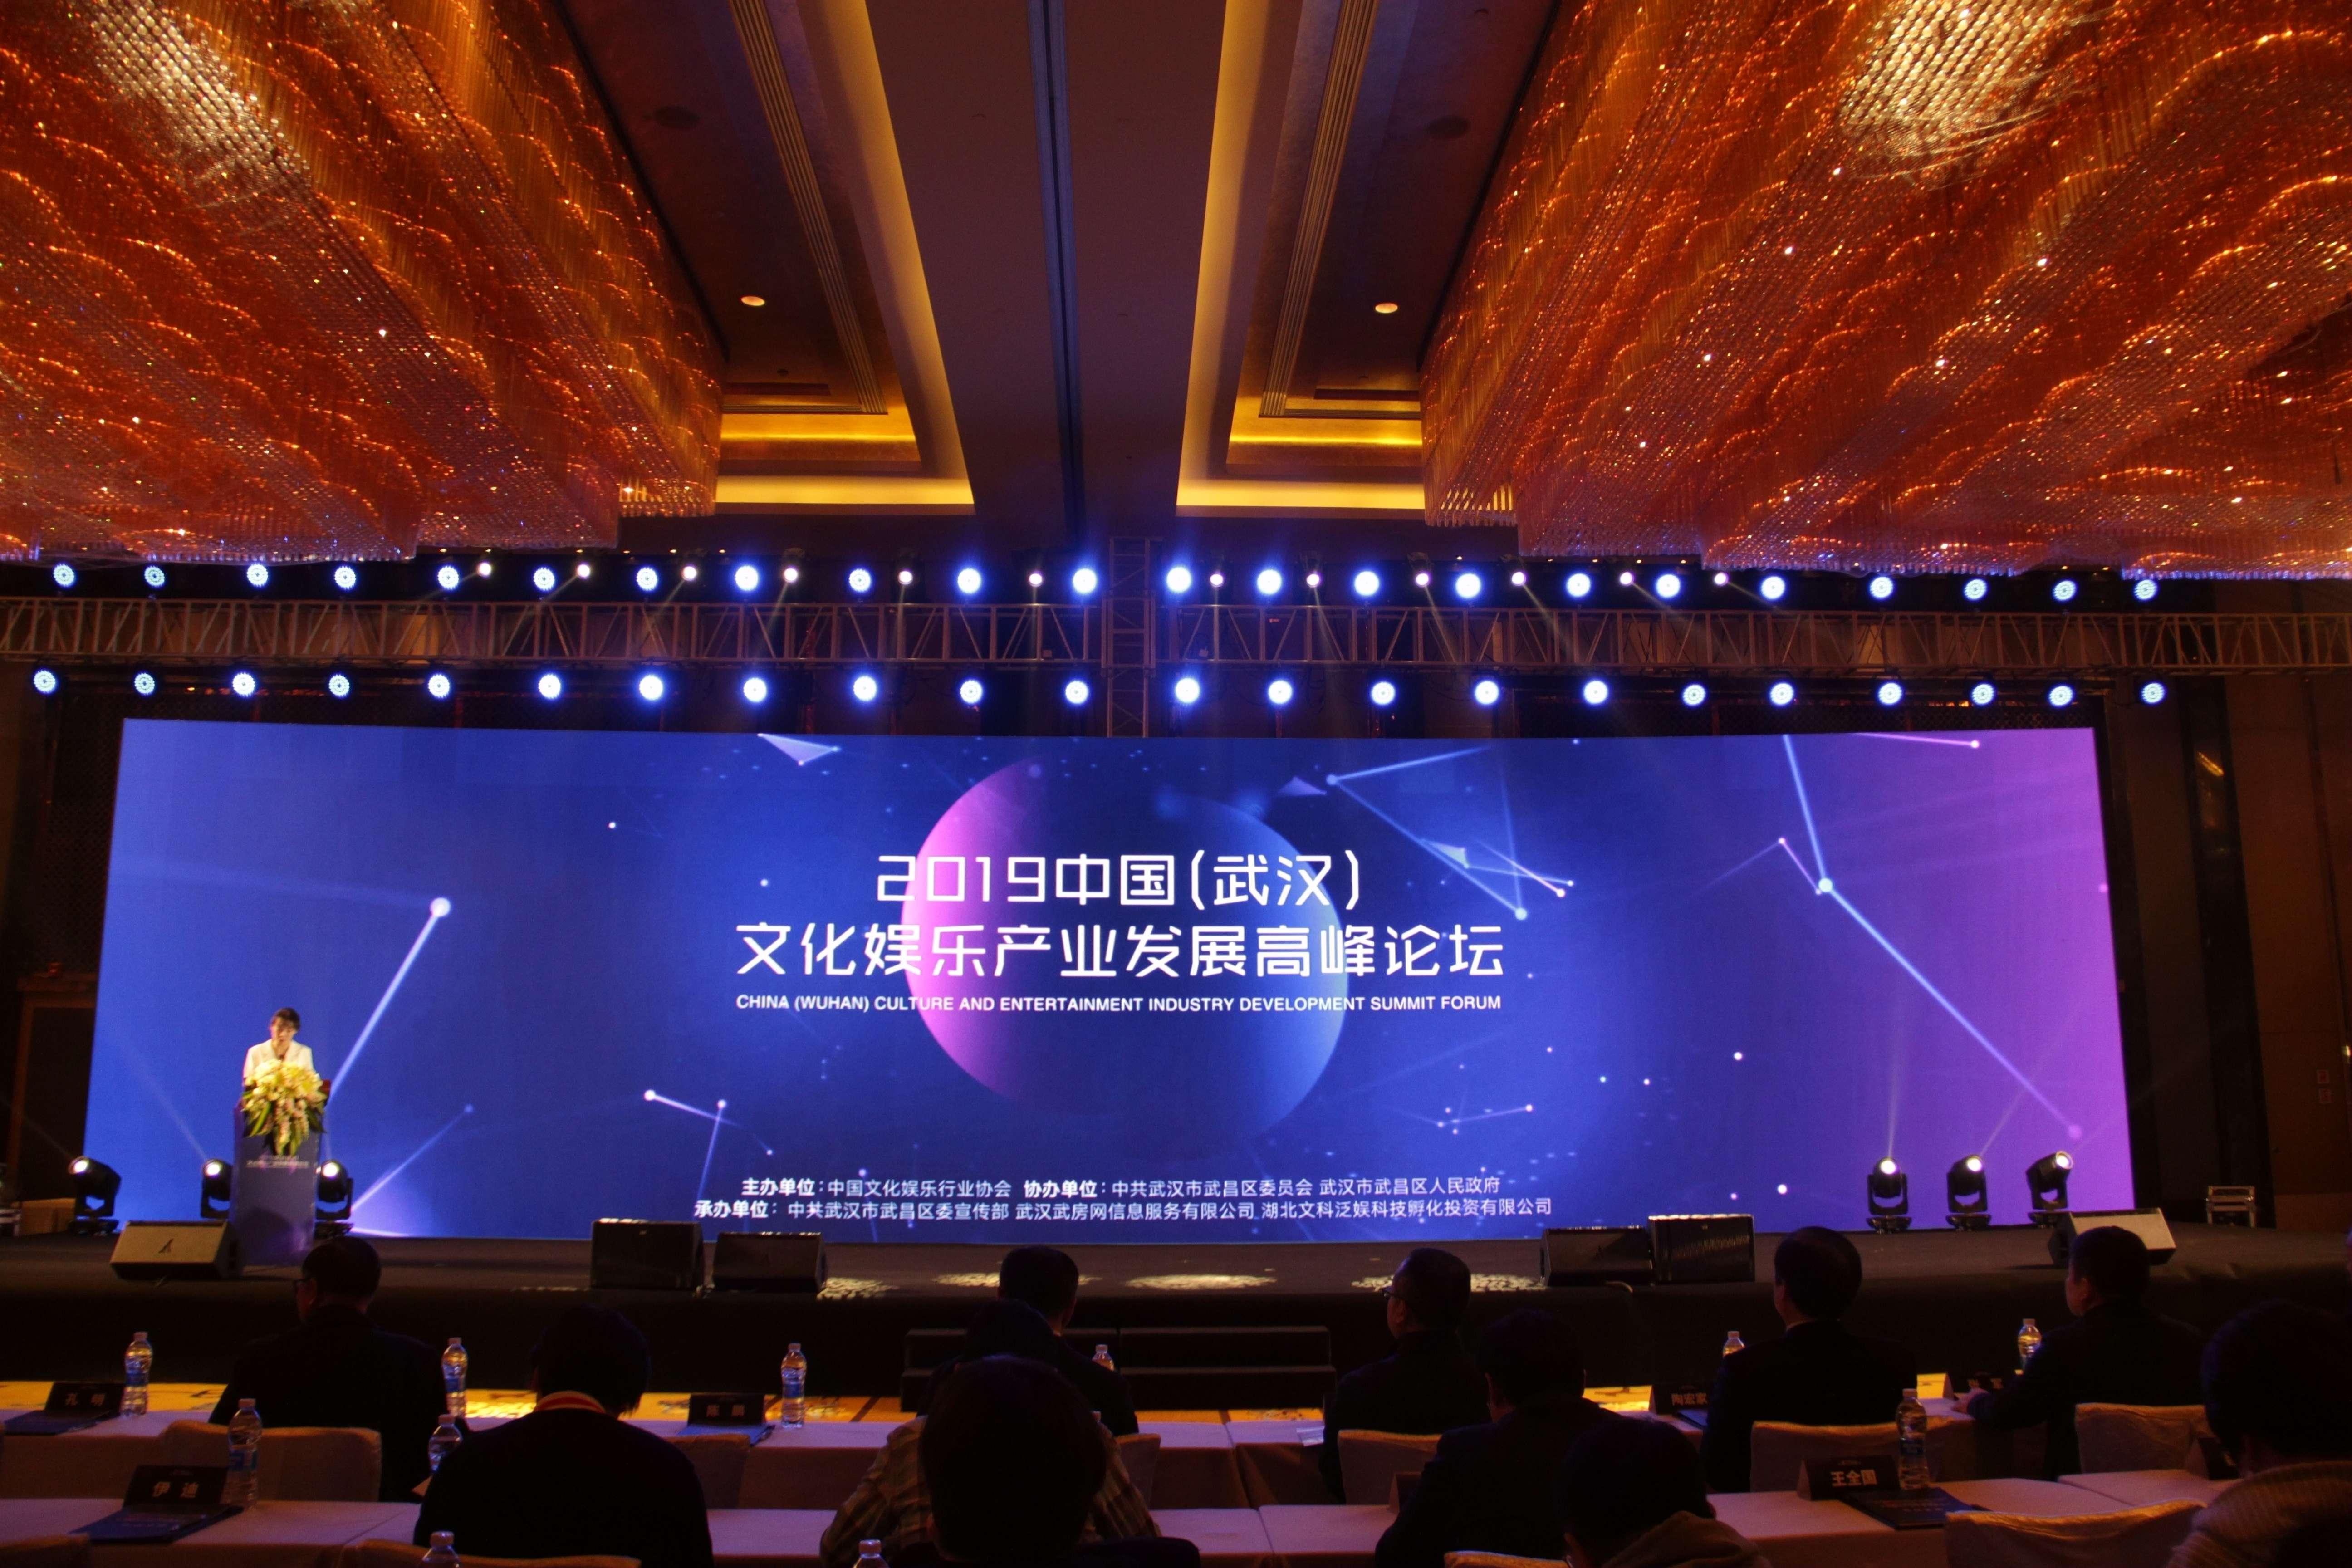 ▲2019中国文化产业发展高峰论坛